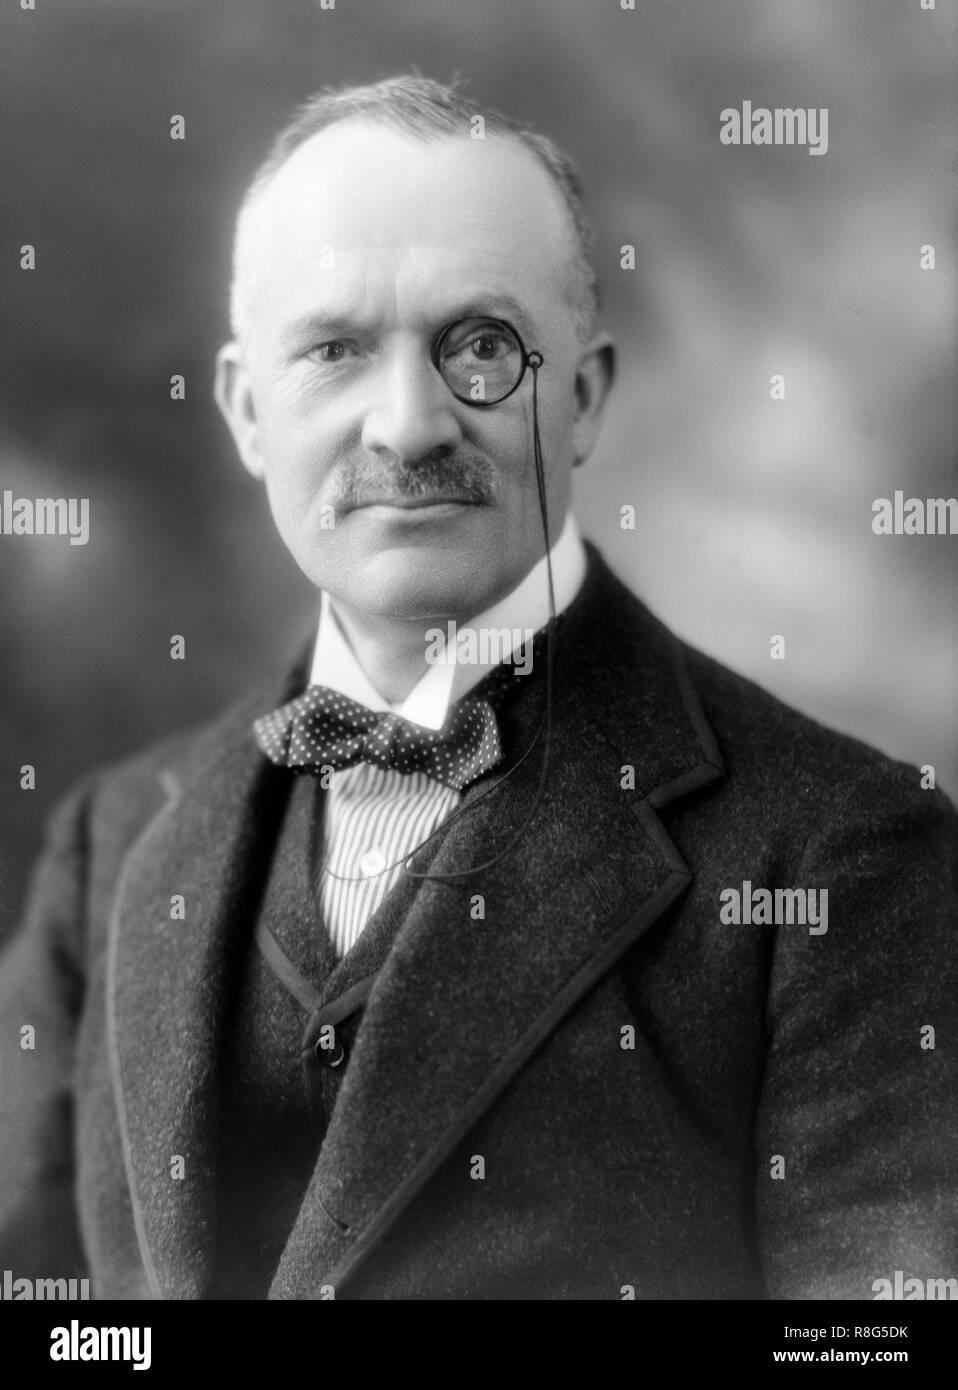 Major Leonard Greenham Star Molloy, DSO (1861 - 1937) war ein britischer Arzt und Politiker in Naas, Grafschaft Kildare, Irland. Er Chirurg Leutnant in der Herzog von Lancaster der eigenen Yeomanry im Jahre 1901 in Auftrag gegeben wurde geboren, und war ein Leutnant ernannt, als er seine Kommission als Chirurg im Juli 1902 zurückgetreten. Während des Ersten Weltkrieges diente er in Frankreich und der Zentrale (Dispatches zweimal) und war 2. das Kommando über die 23. Große Molloy war den Distinguished Service Order (DSO) im Jahr 1917 ausgezeichnet. Er zog sich von der Armee im Jahre 1921. Er war ein Honorary Life Mitglied der St. John Ambulance Association. Stockbild